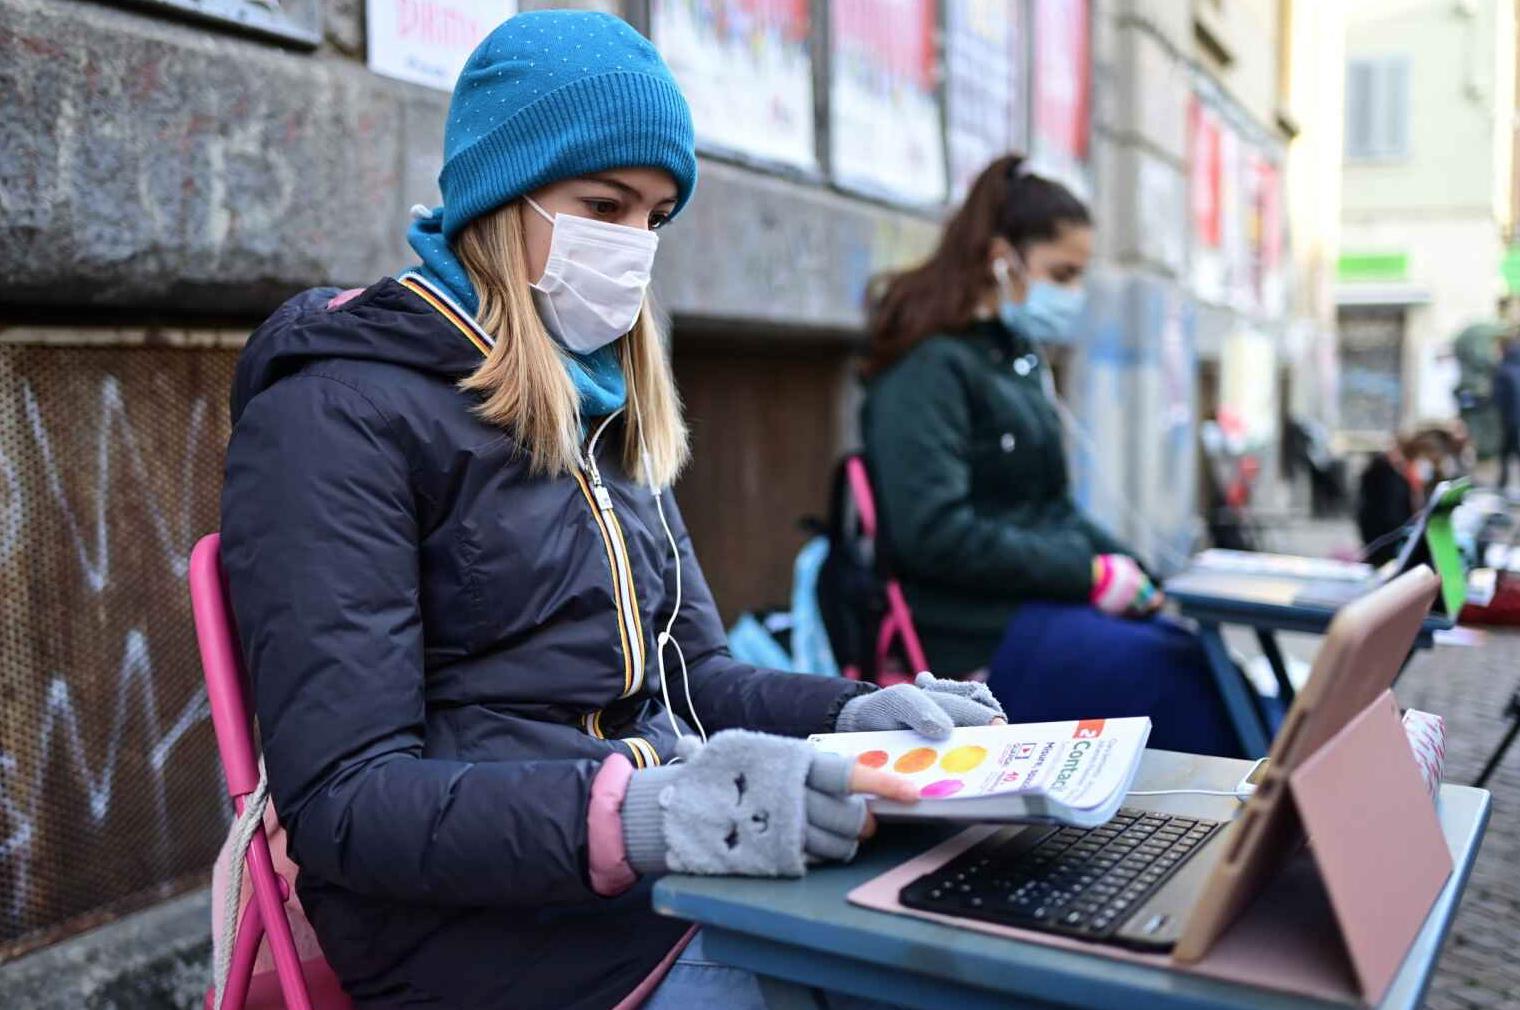 Ítalía: Mótmæla lokun skóla með því að læra á skólalóðinni